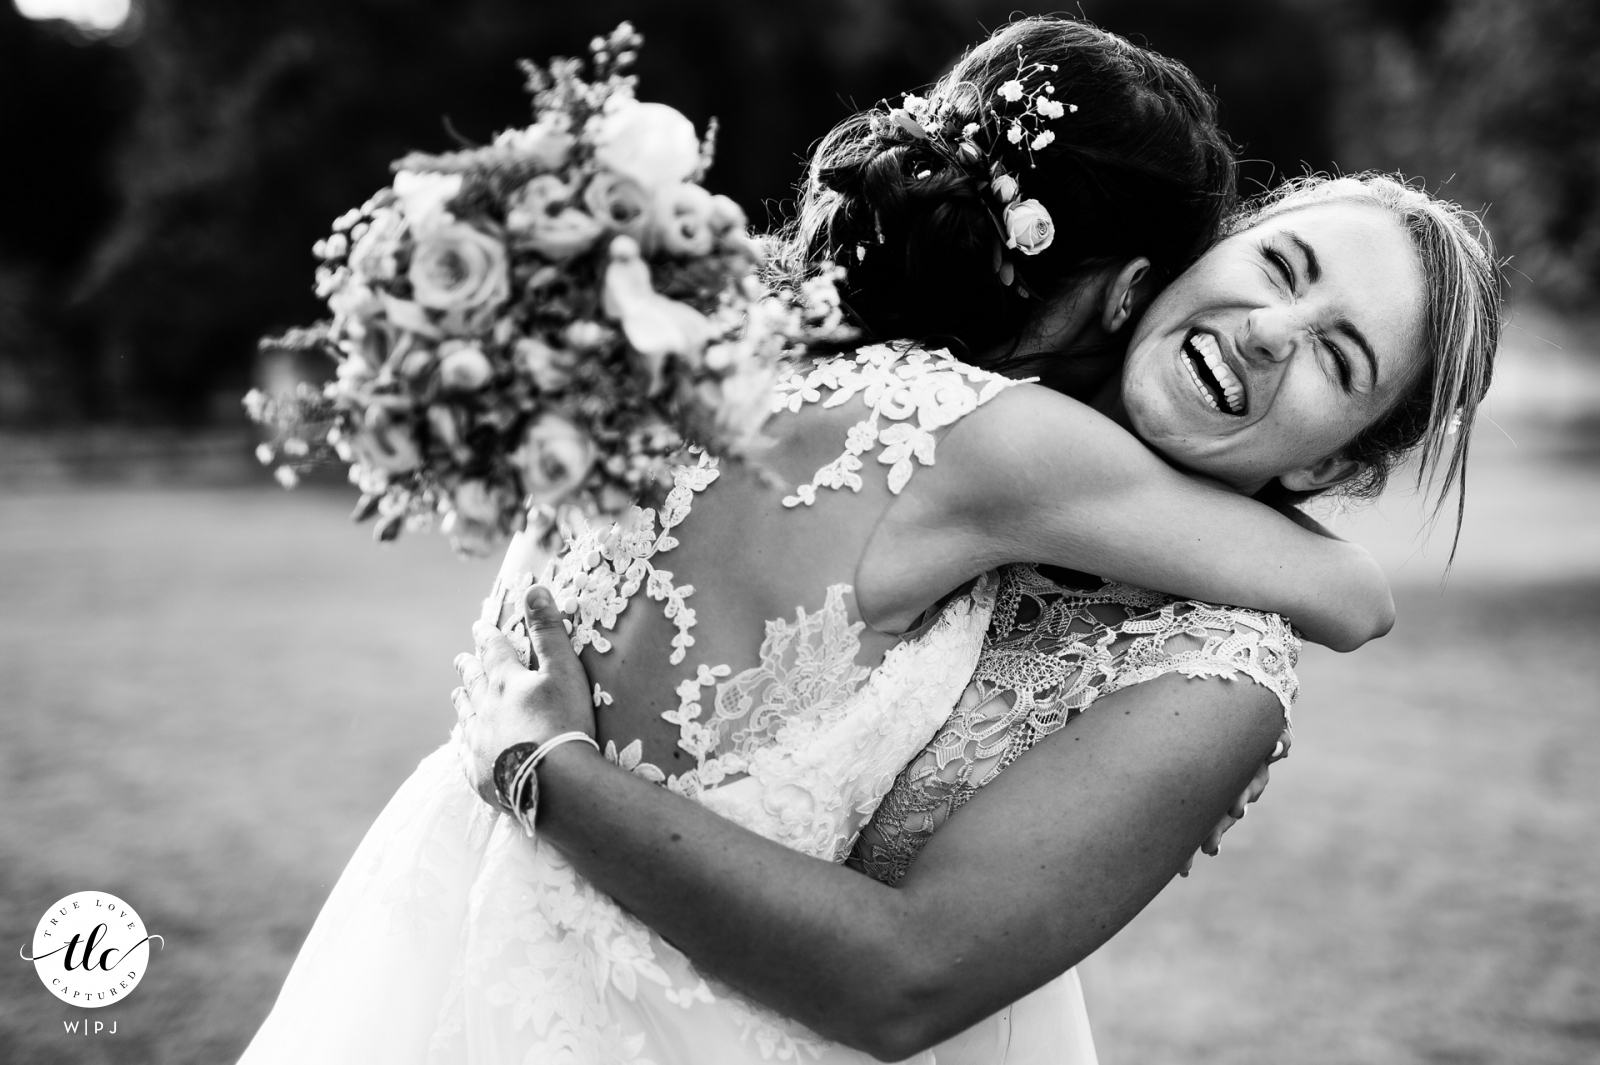 Agen, Francia fotografía de reportaje de boda de un gran abrazo